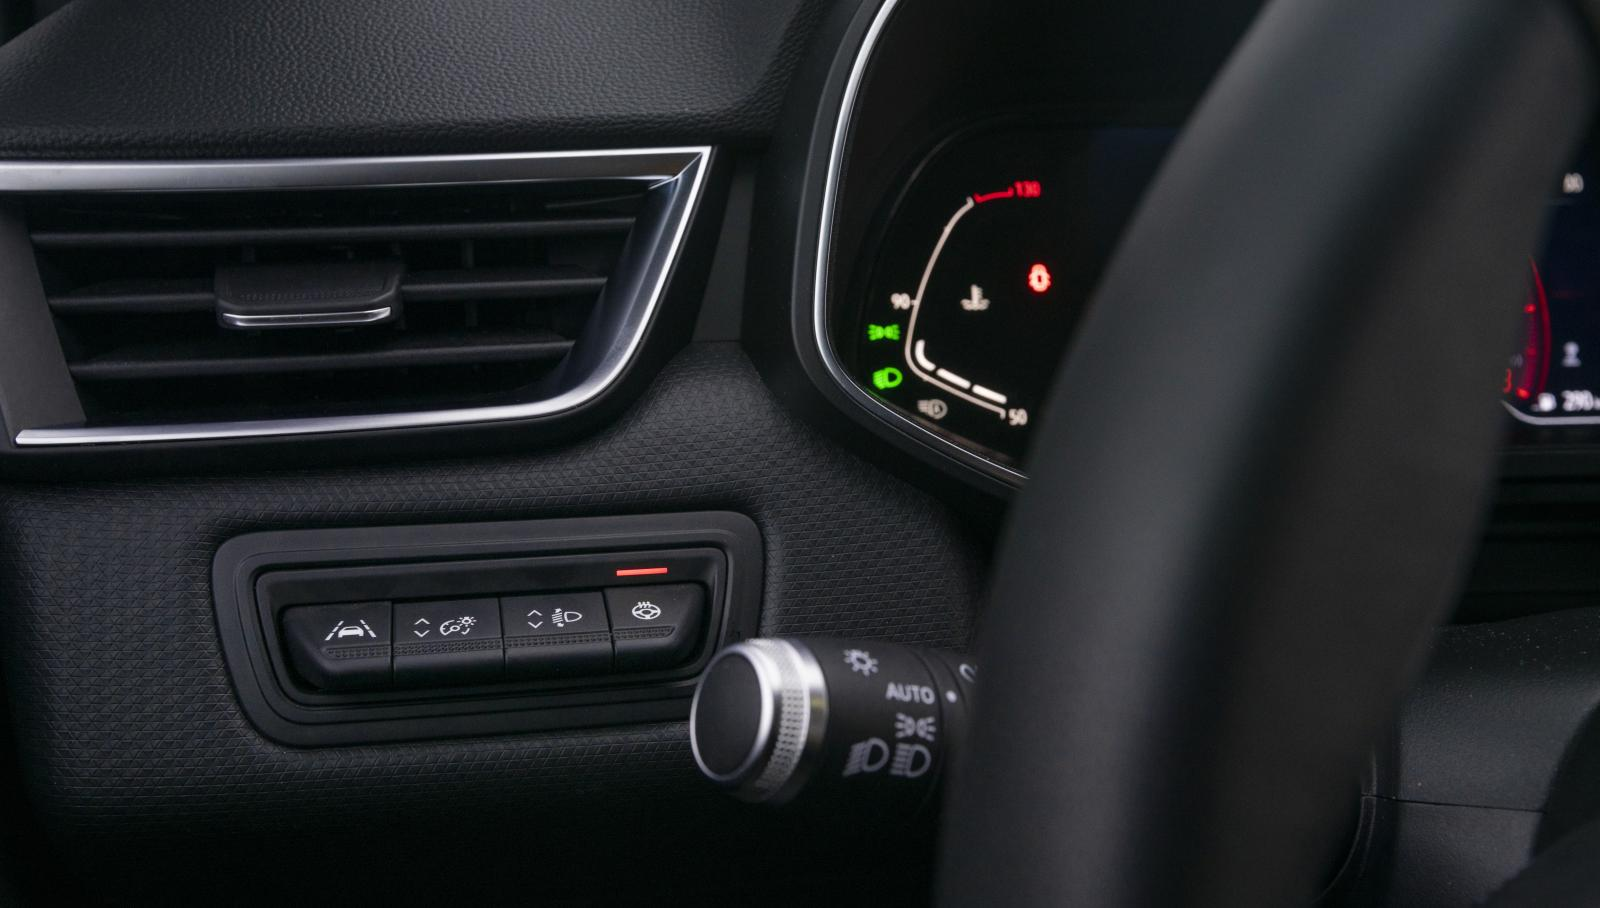 Väl utformade knapptangenter vid sidan av ratten hör inte till vanligheterna men finns i Renault. Här ställs filbytesvarnare, instrumentbelysning, strålkastarhöjd och rattvärme in.